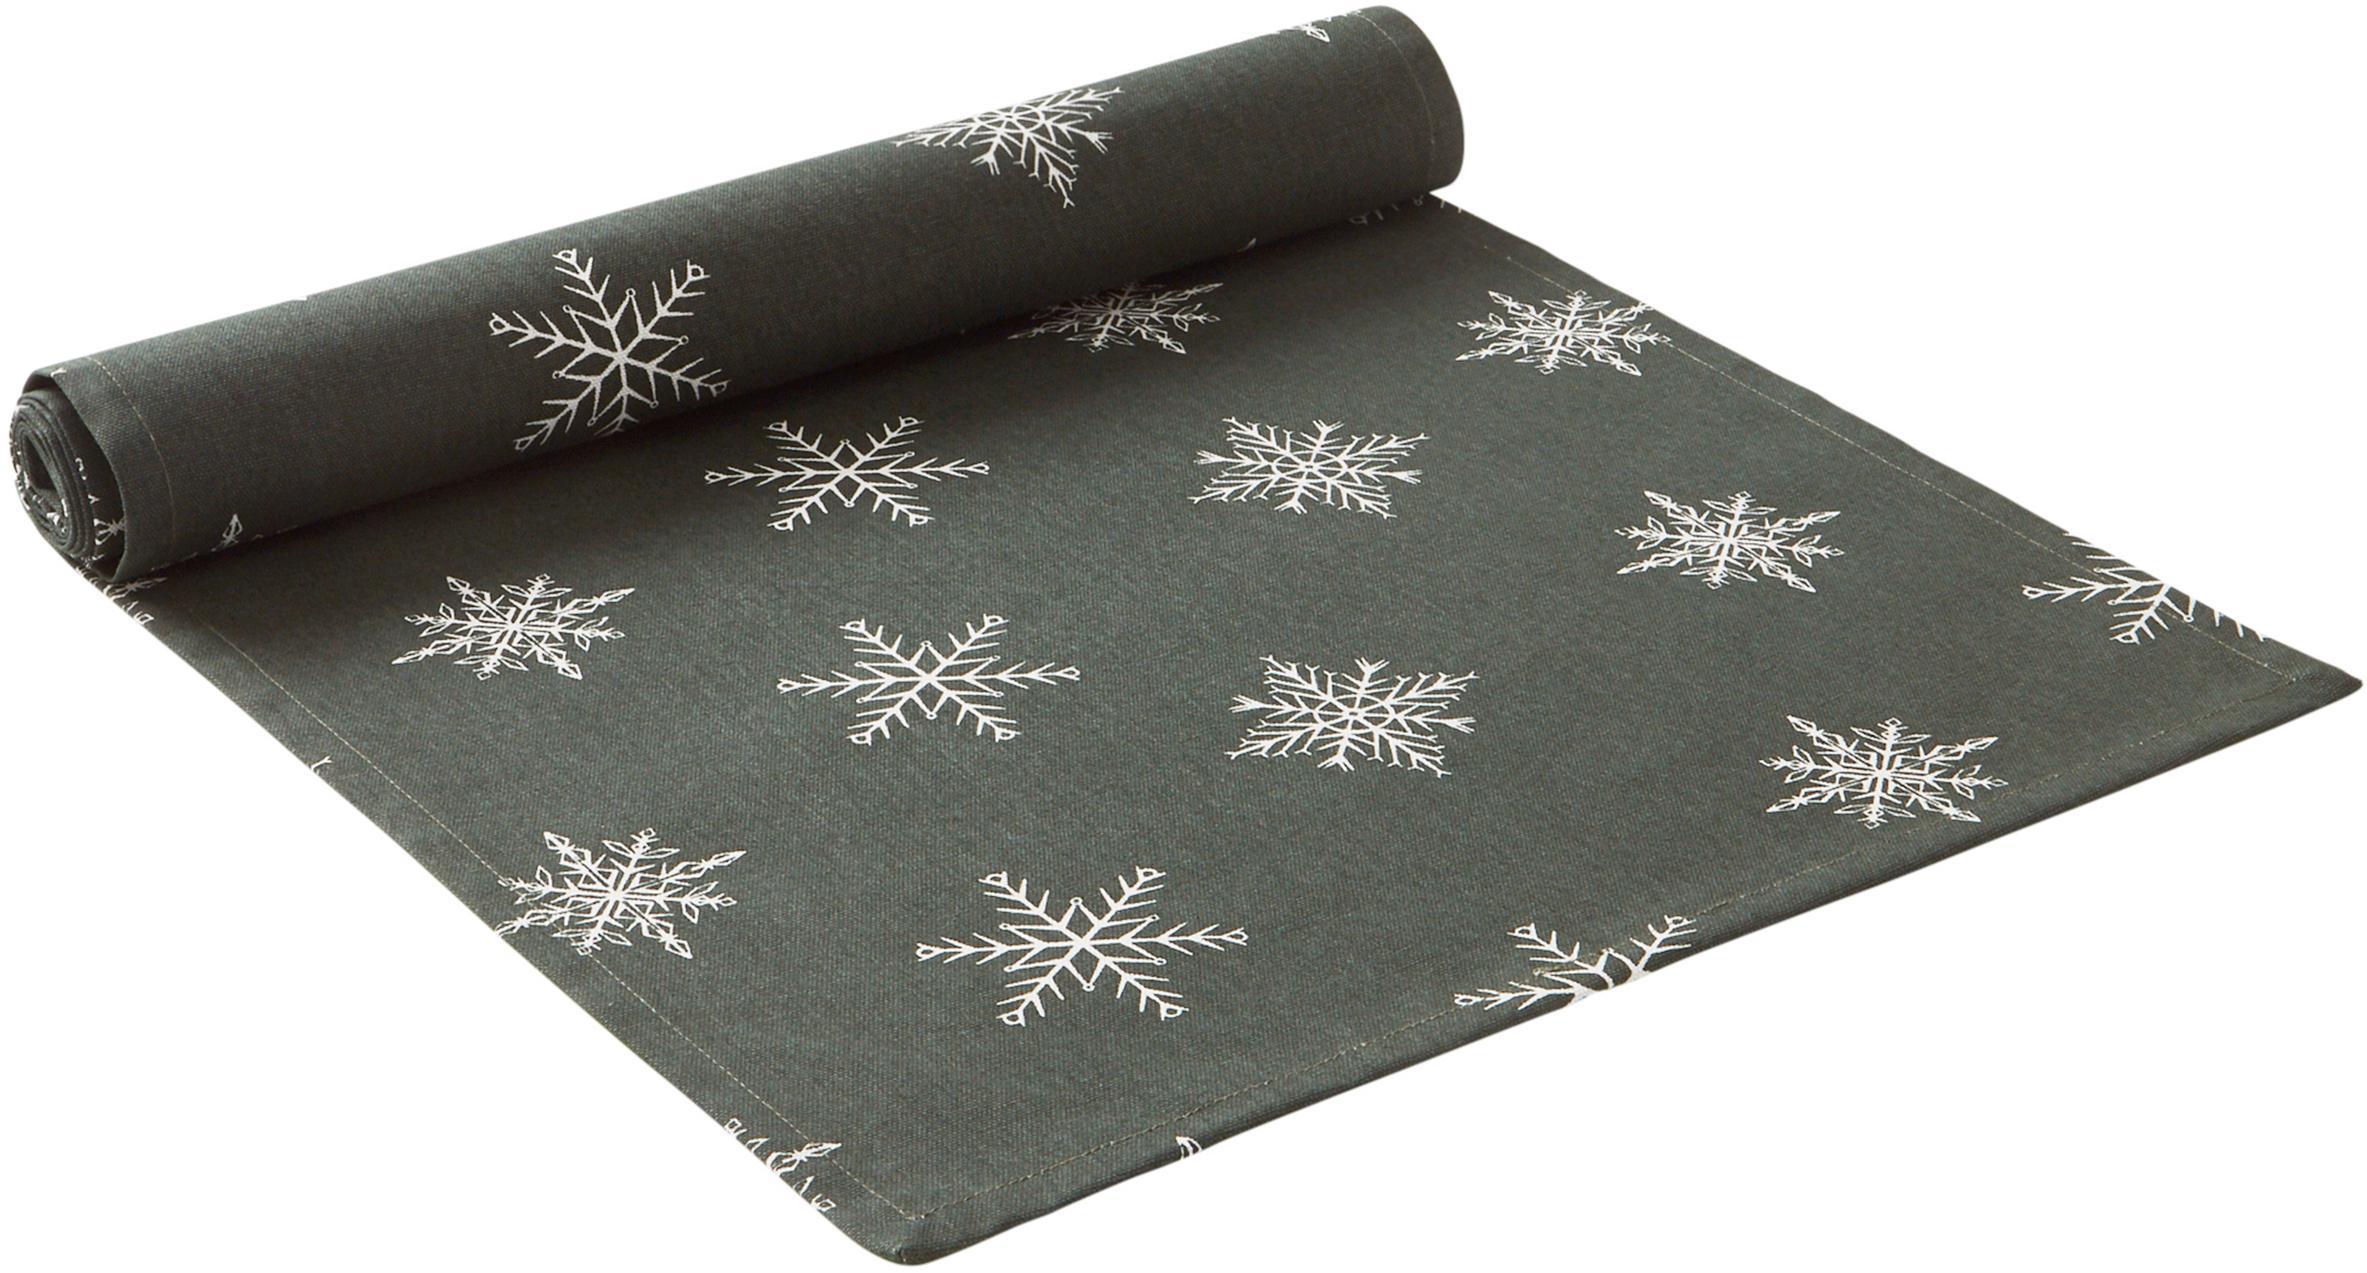 Bieżnik Snow, 100% bawełna pochodząca ze zrównoważonych upraw, Zielony, biały, D 40 x S 140 cm